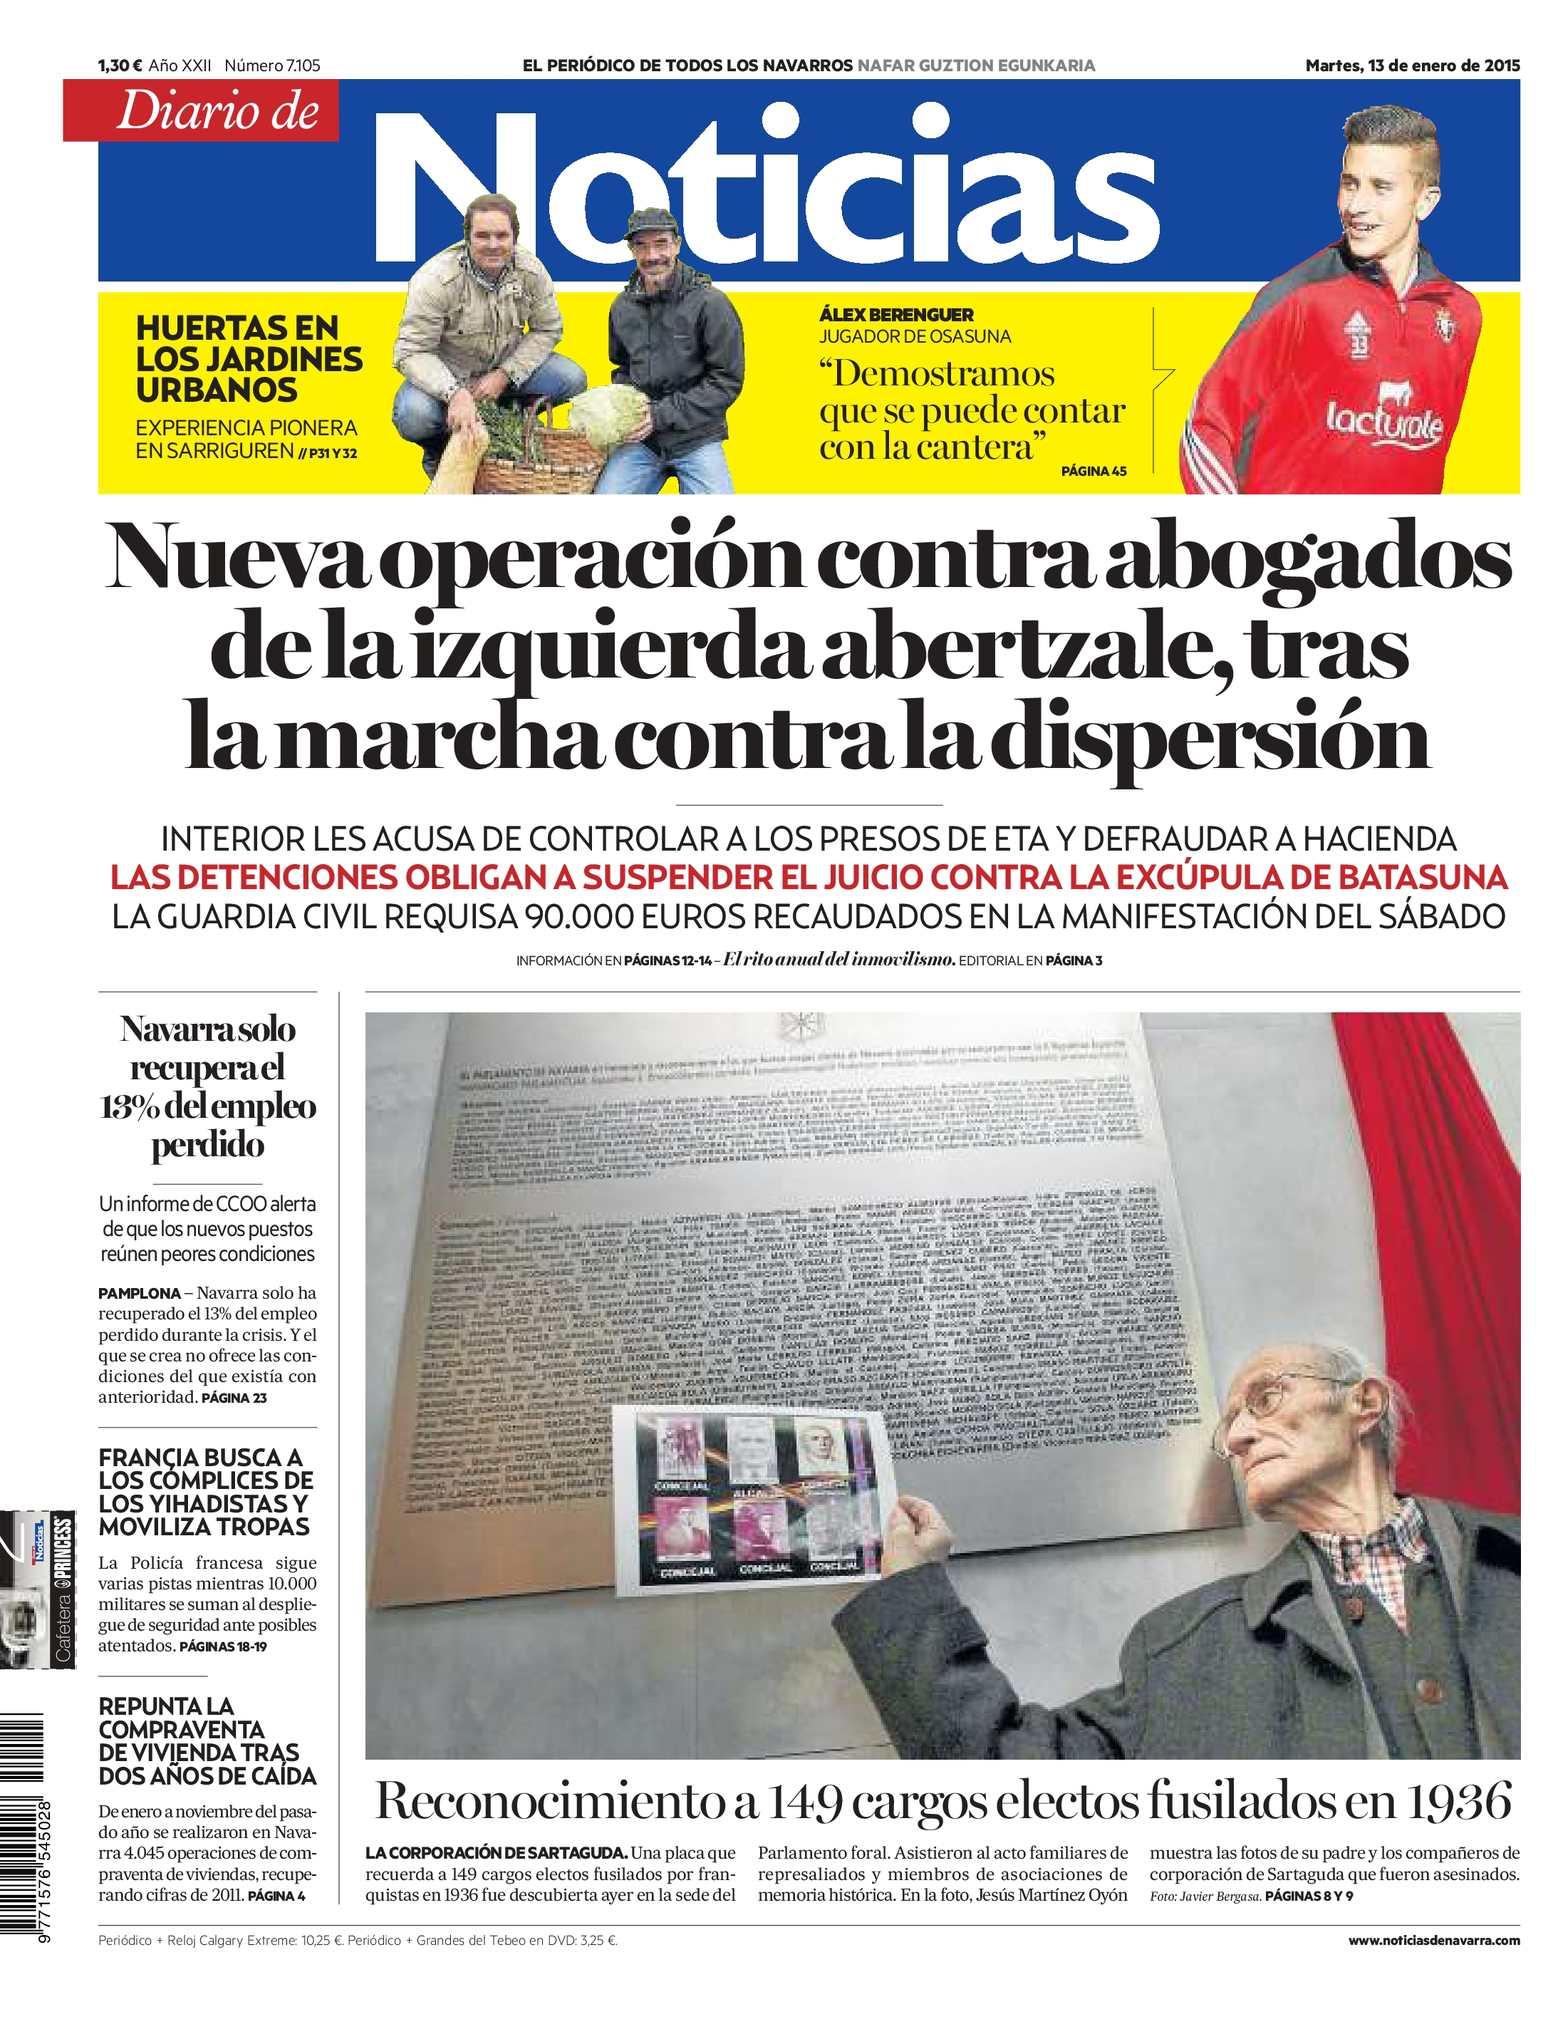 Calaméo - Diario de Noticias 20150113